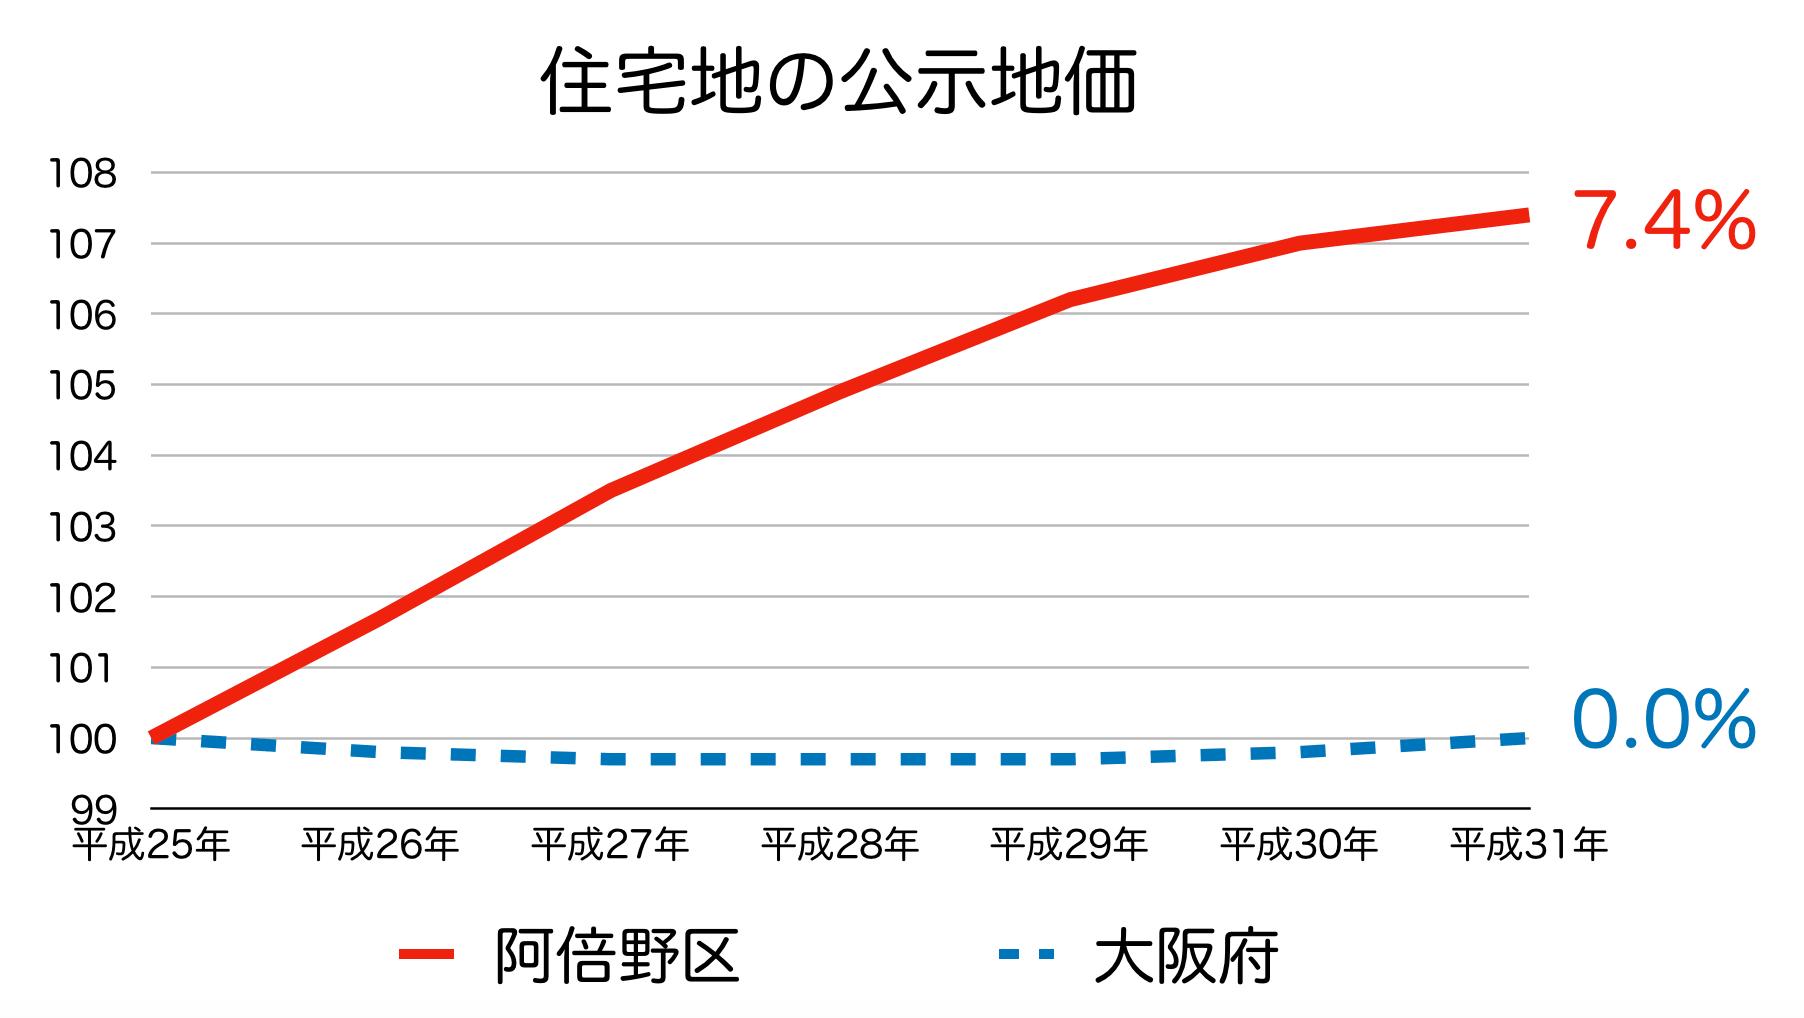 大阪市阿倍野区の公示地価 H25-H31